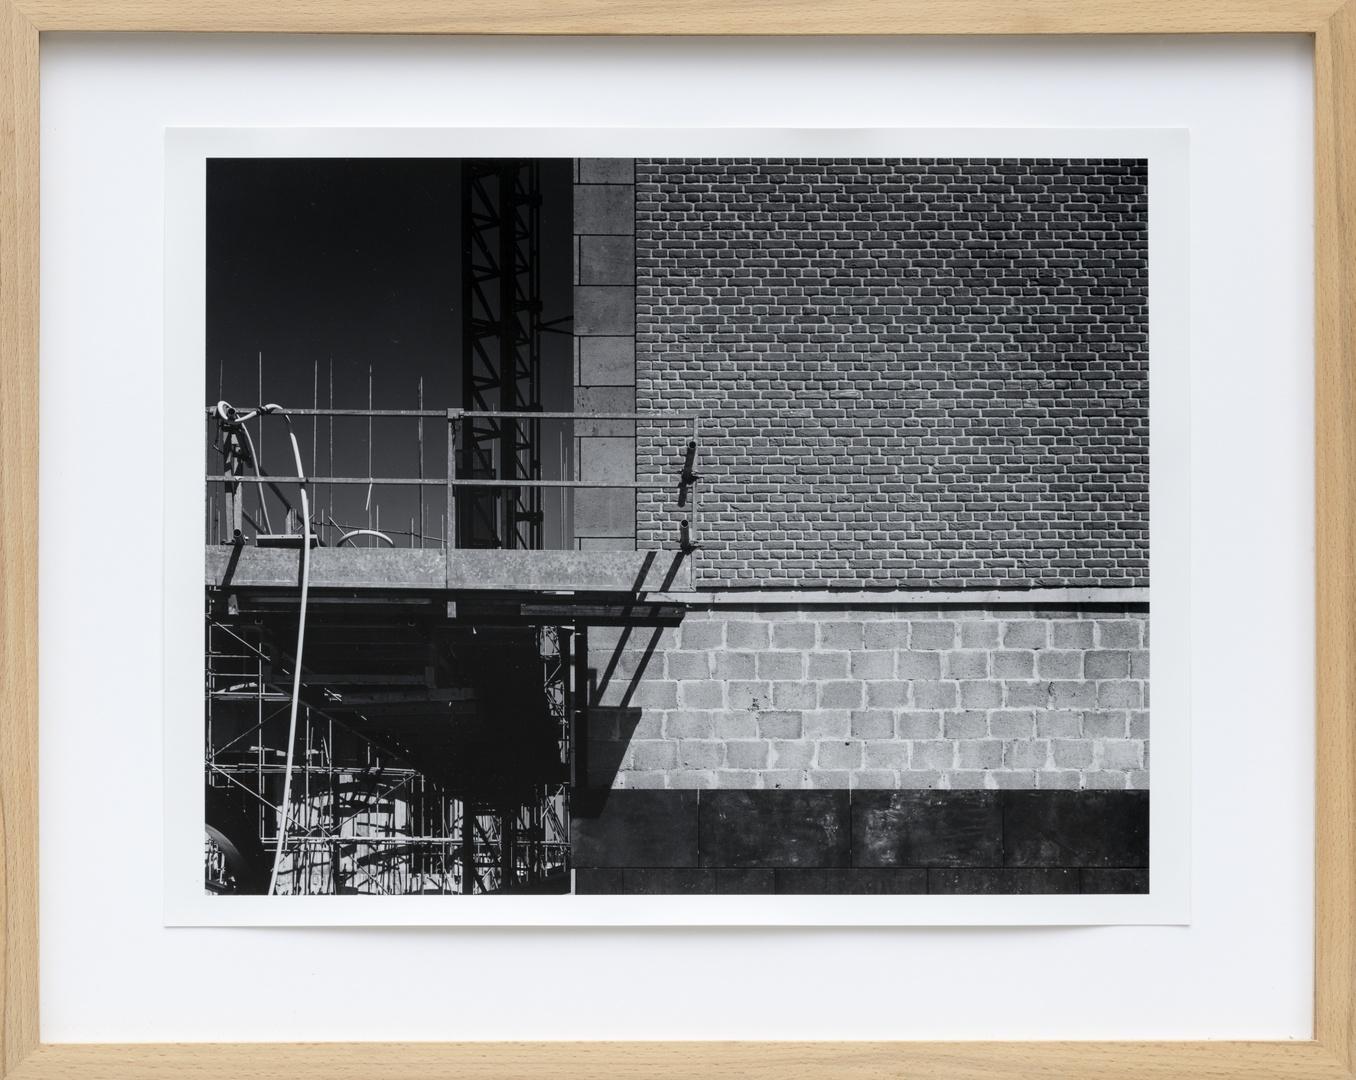 Bouw Bonnefantenmuseum 1992-1994 ; Opbouw geraamte van de koepel